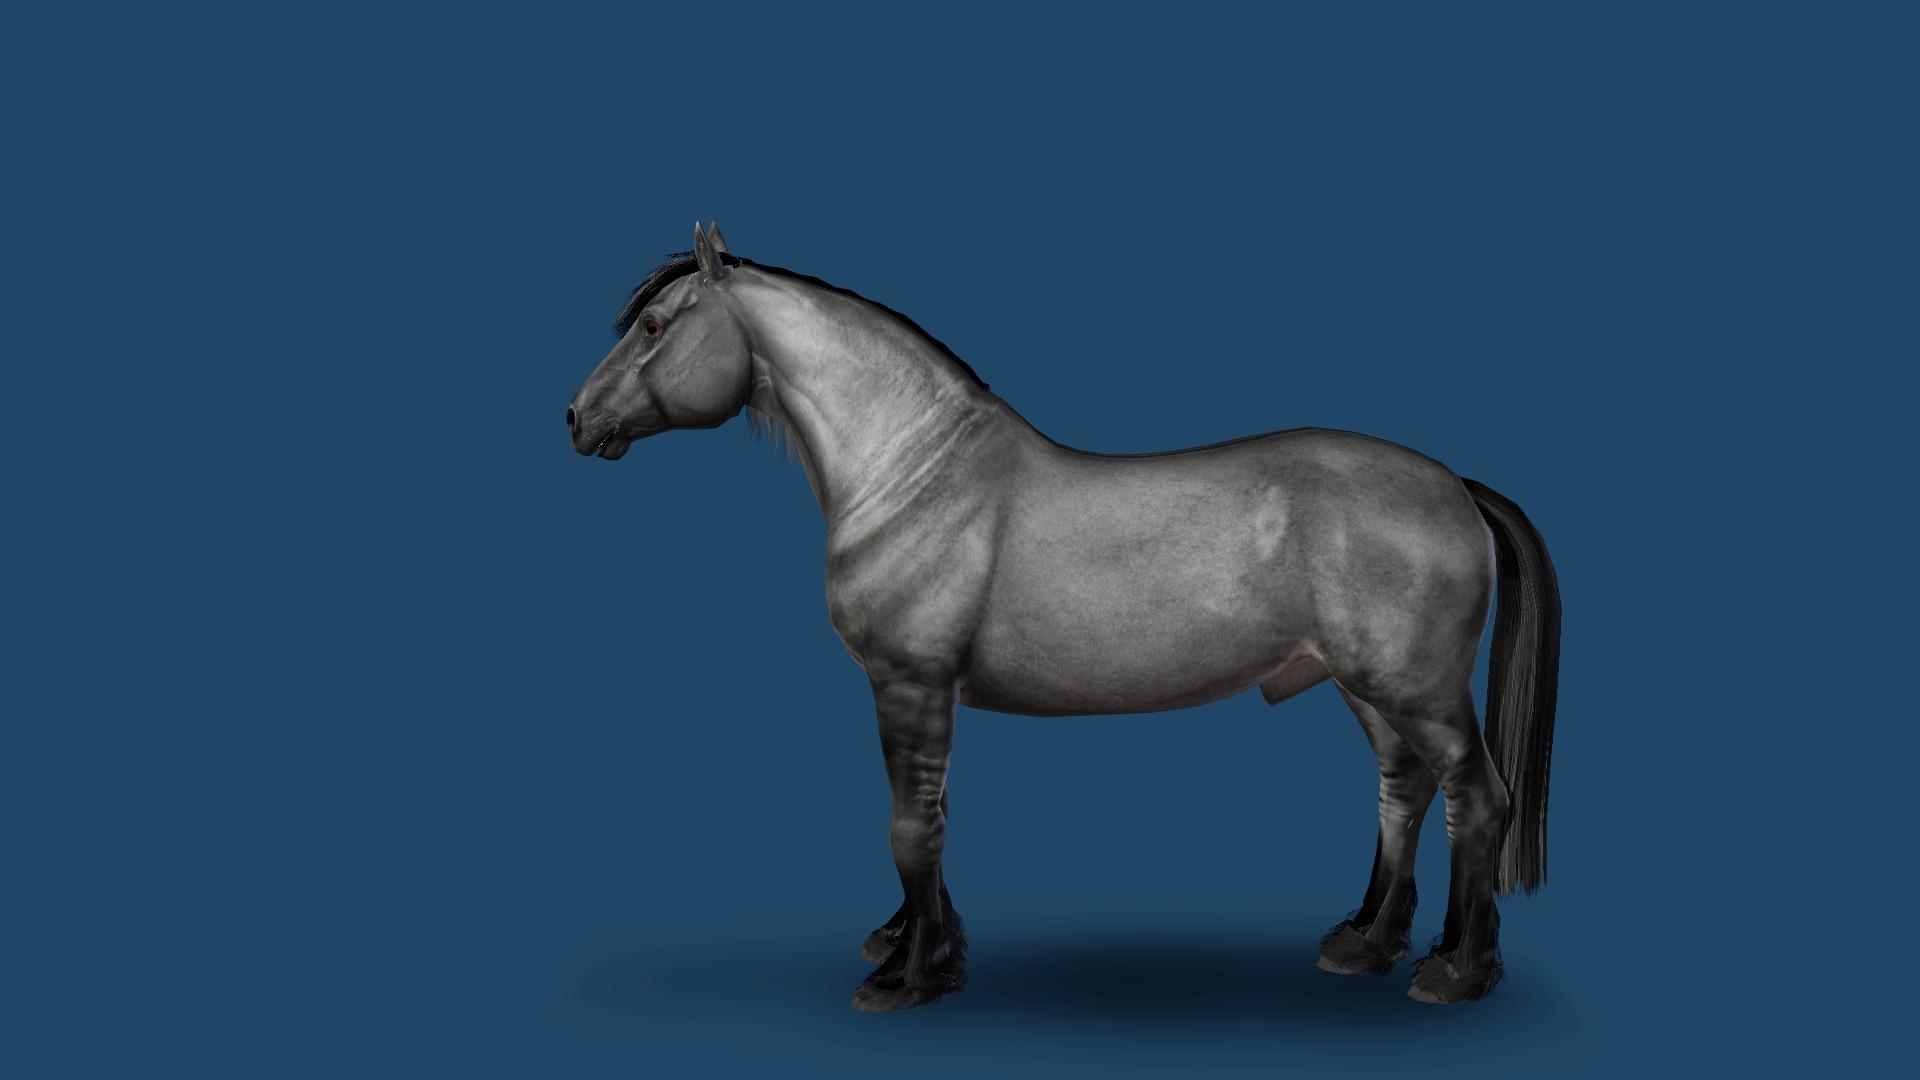 Horse leg markingsdaruma fields saddlery saddle